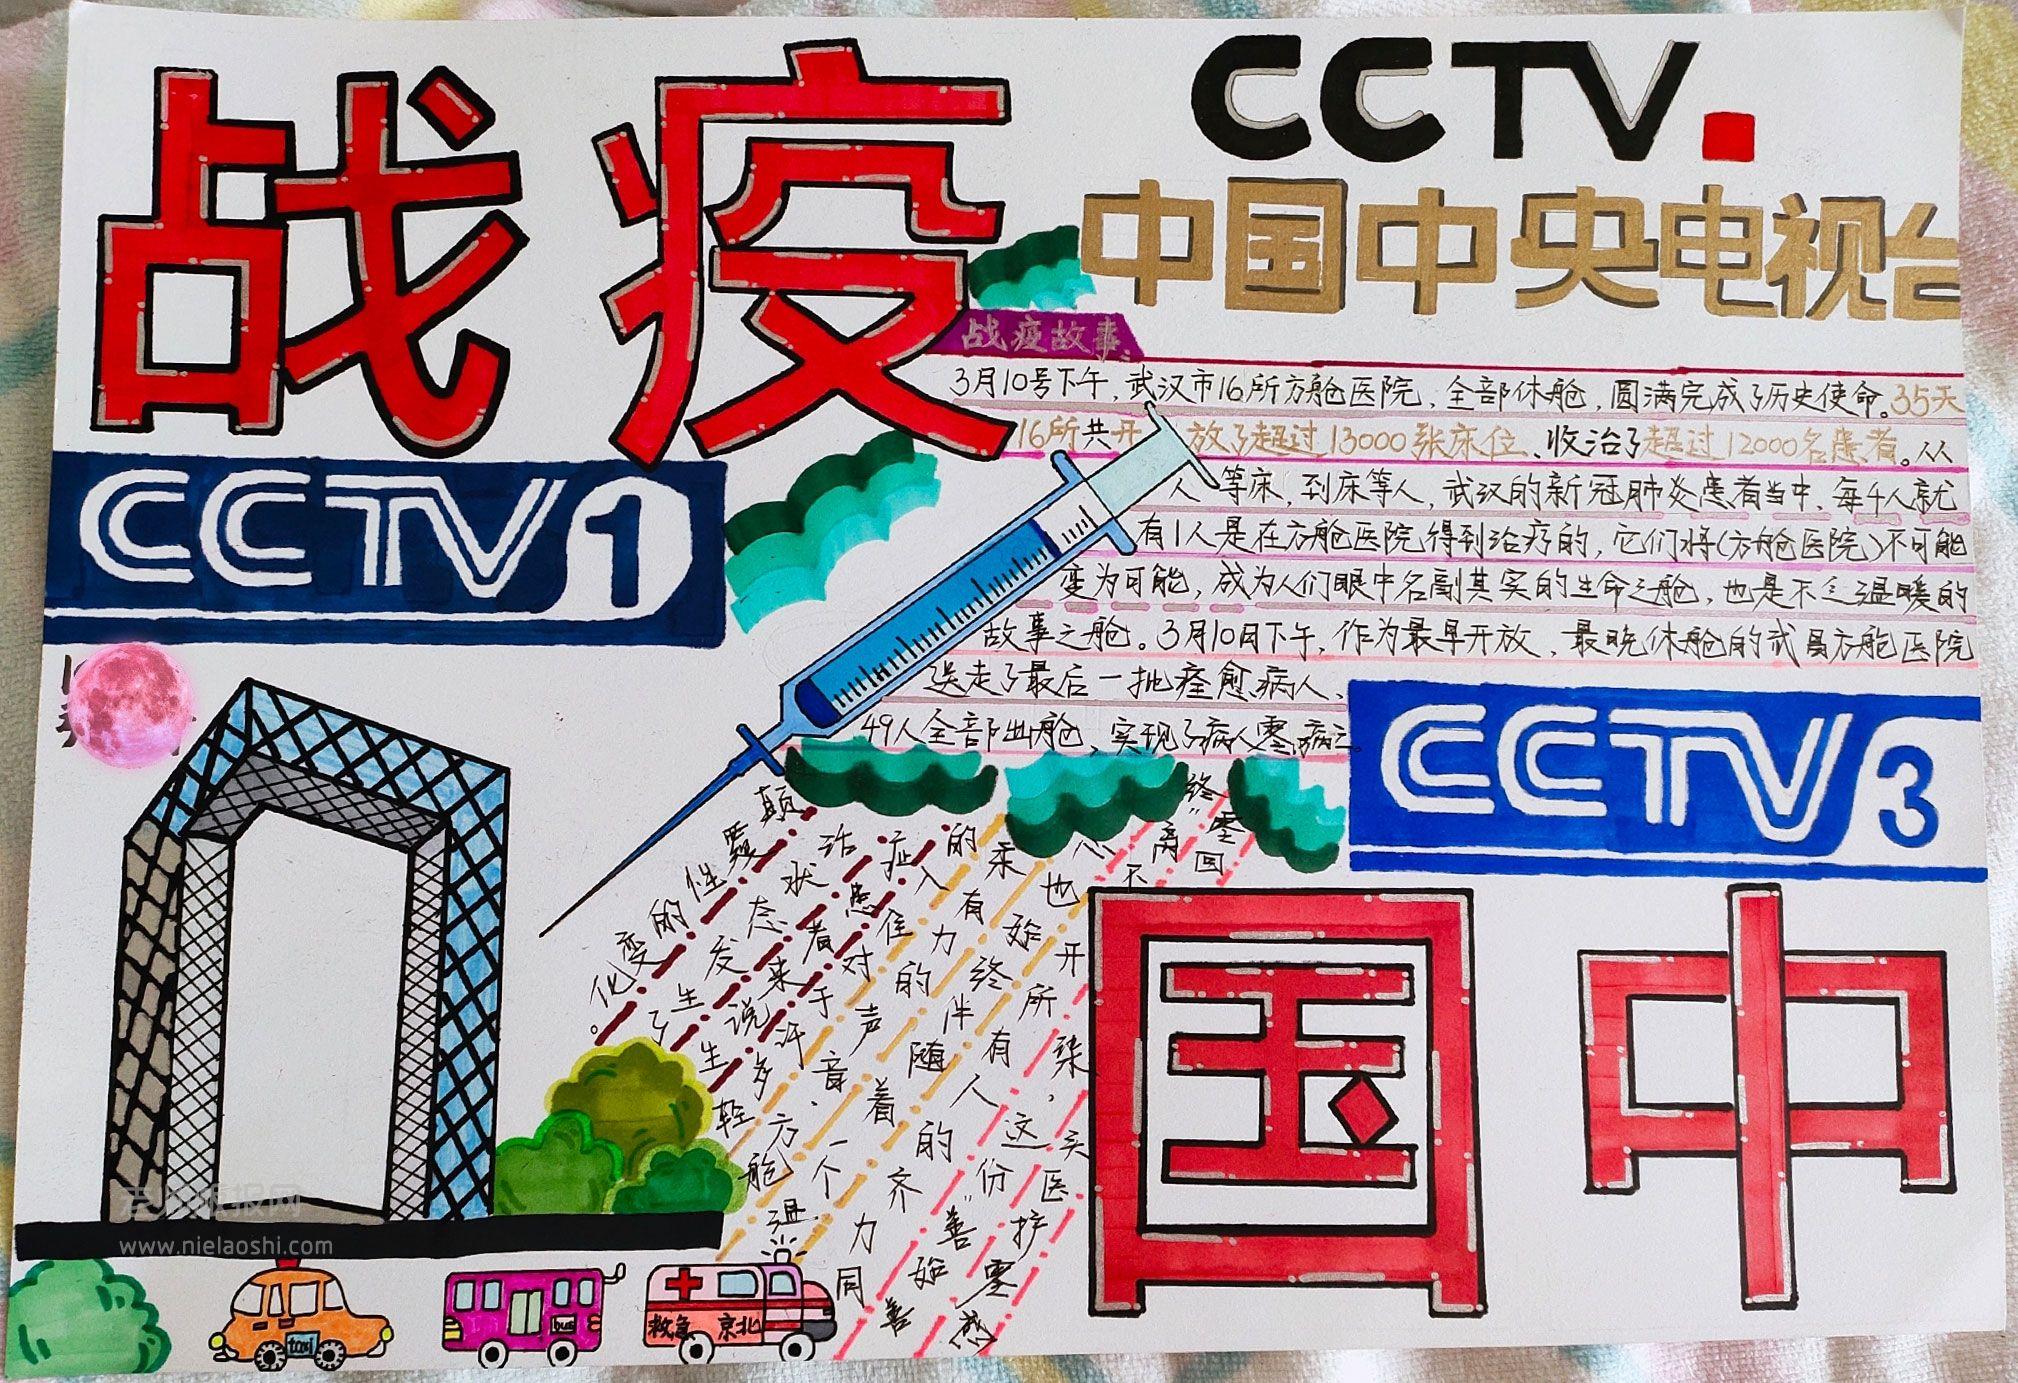 中国战疫手抄报图片 中国CCTV